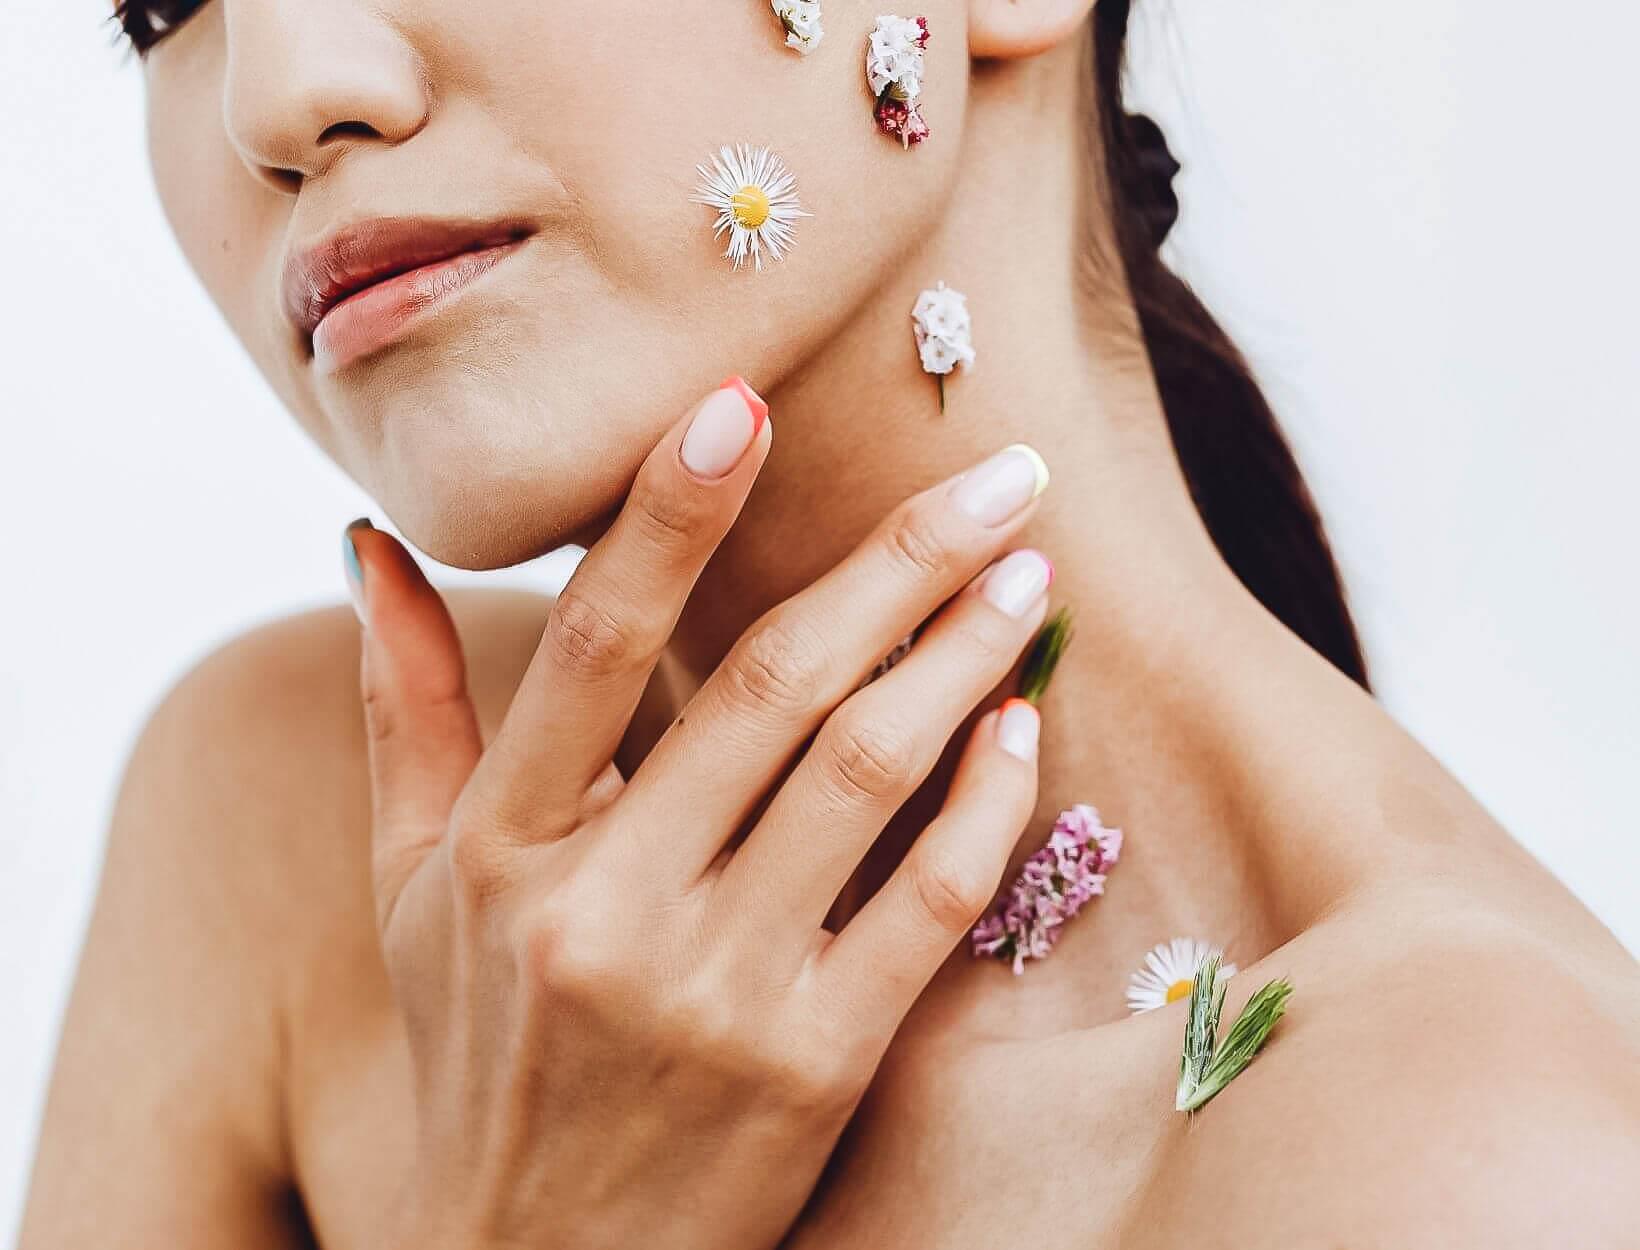 MASAŻ TWARZY I DRENAŻ LIMFATYCZNY- Jakie korzyści przynoszą SoBio Beauty Boutique 2-2